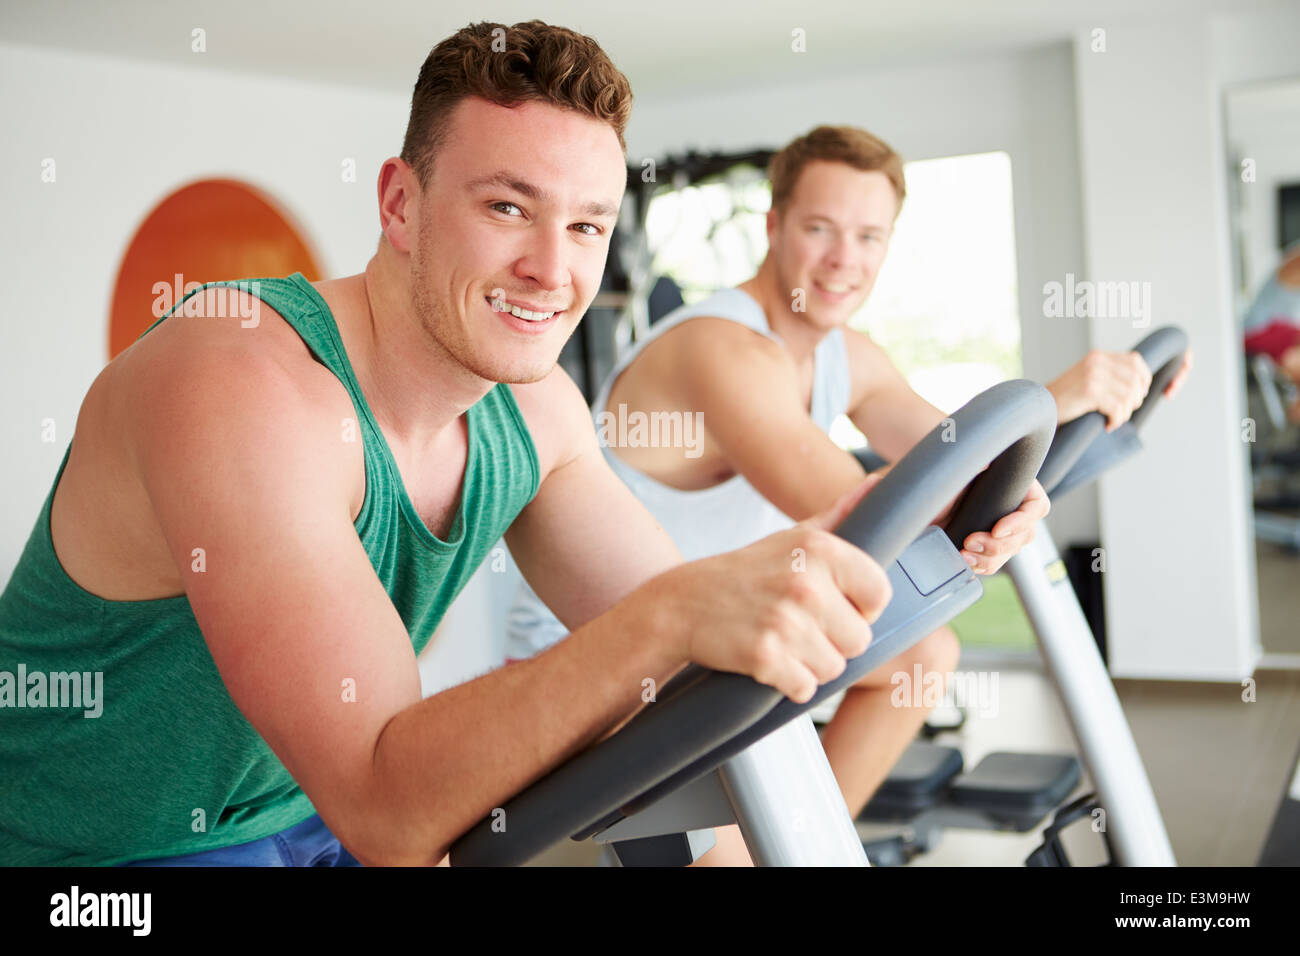 Zwei junge Männer Training im Fitness-Studio zum Radfahren Maschinen zusammen Stockbild